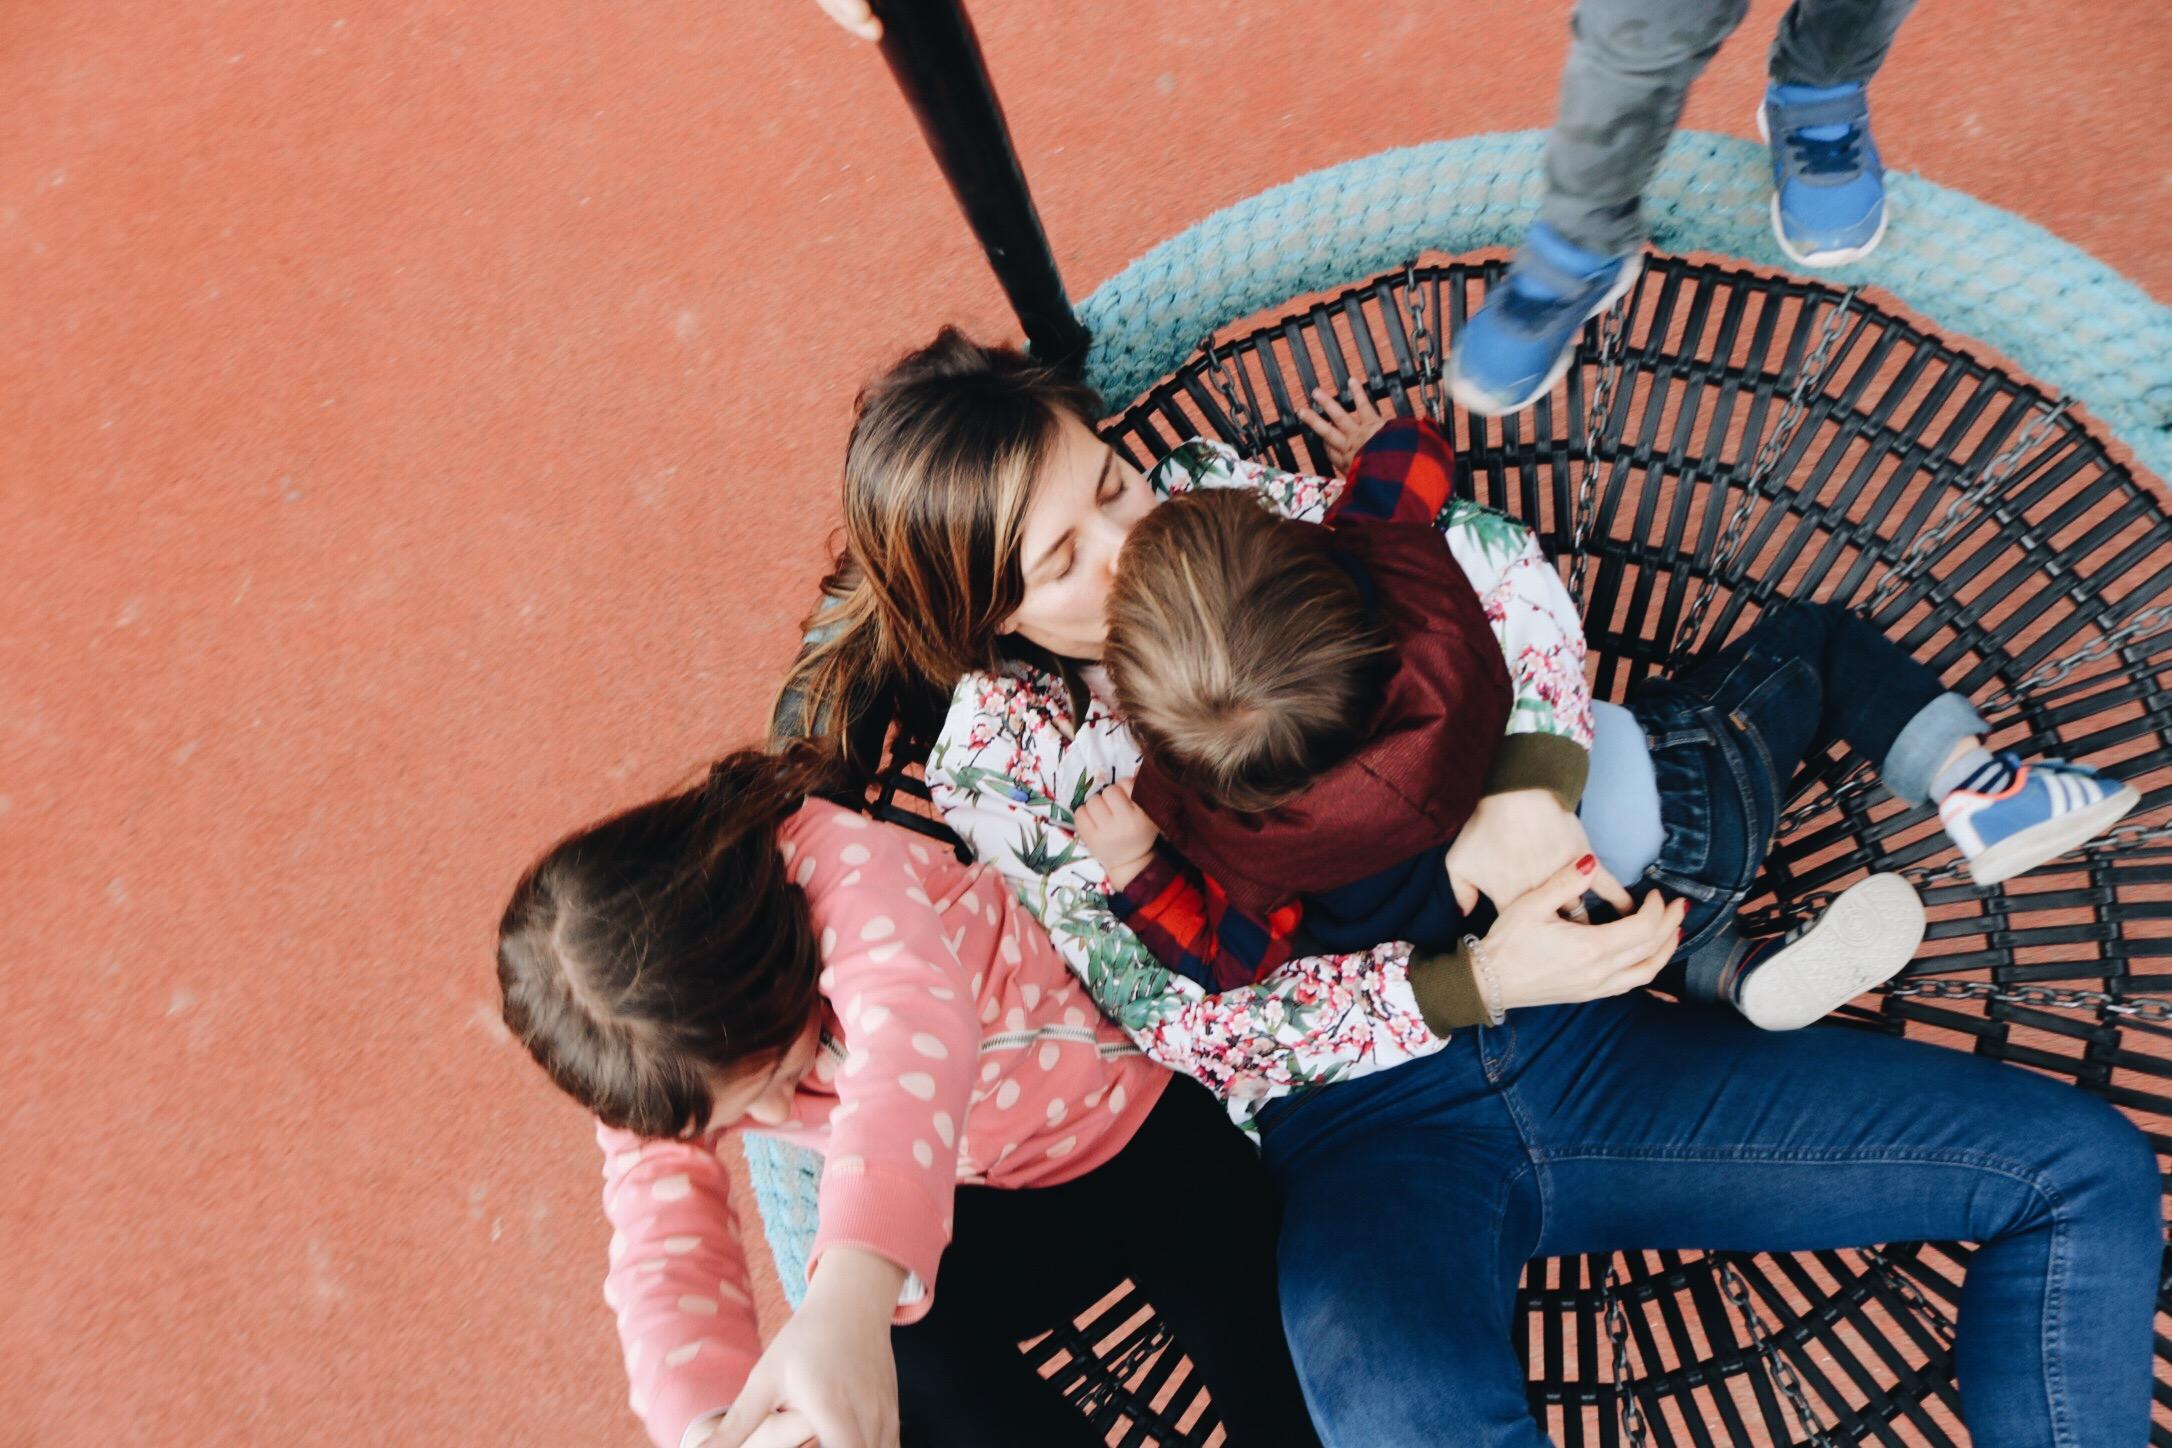 enfants peur blog musique education thereseandthekids